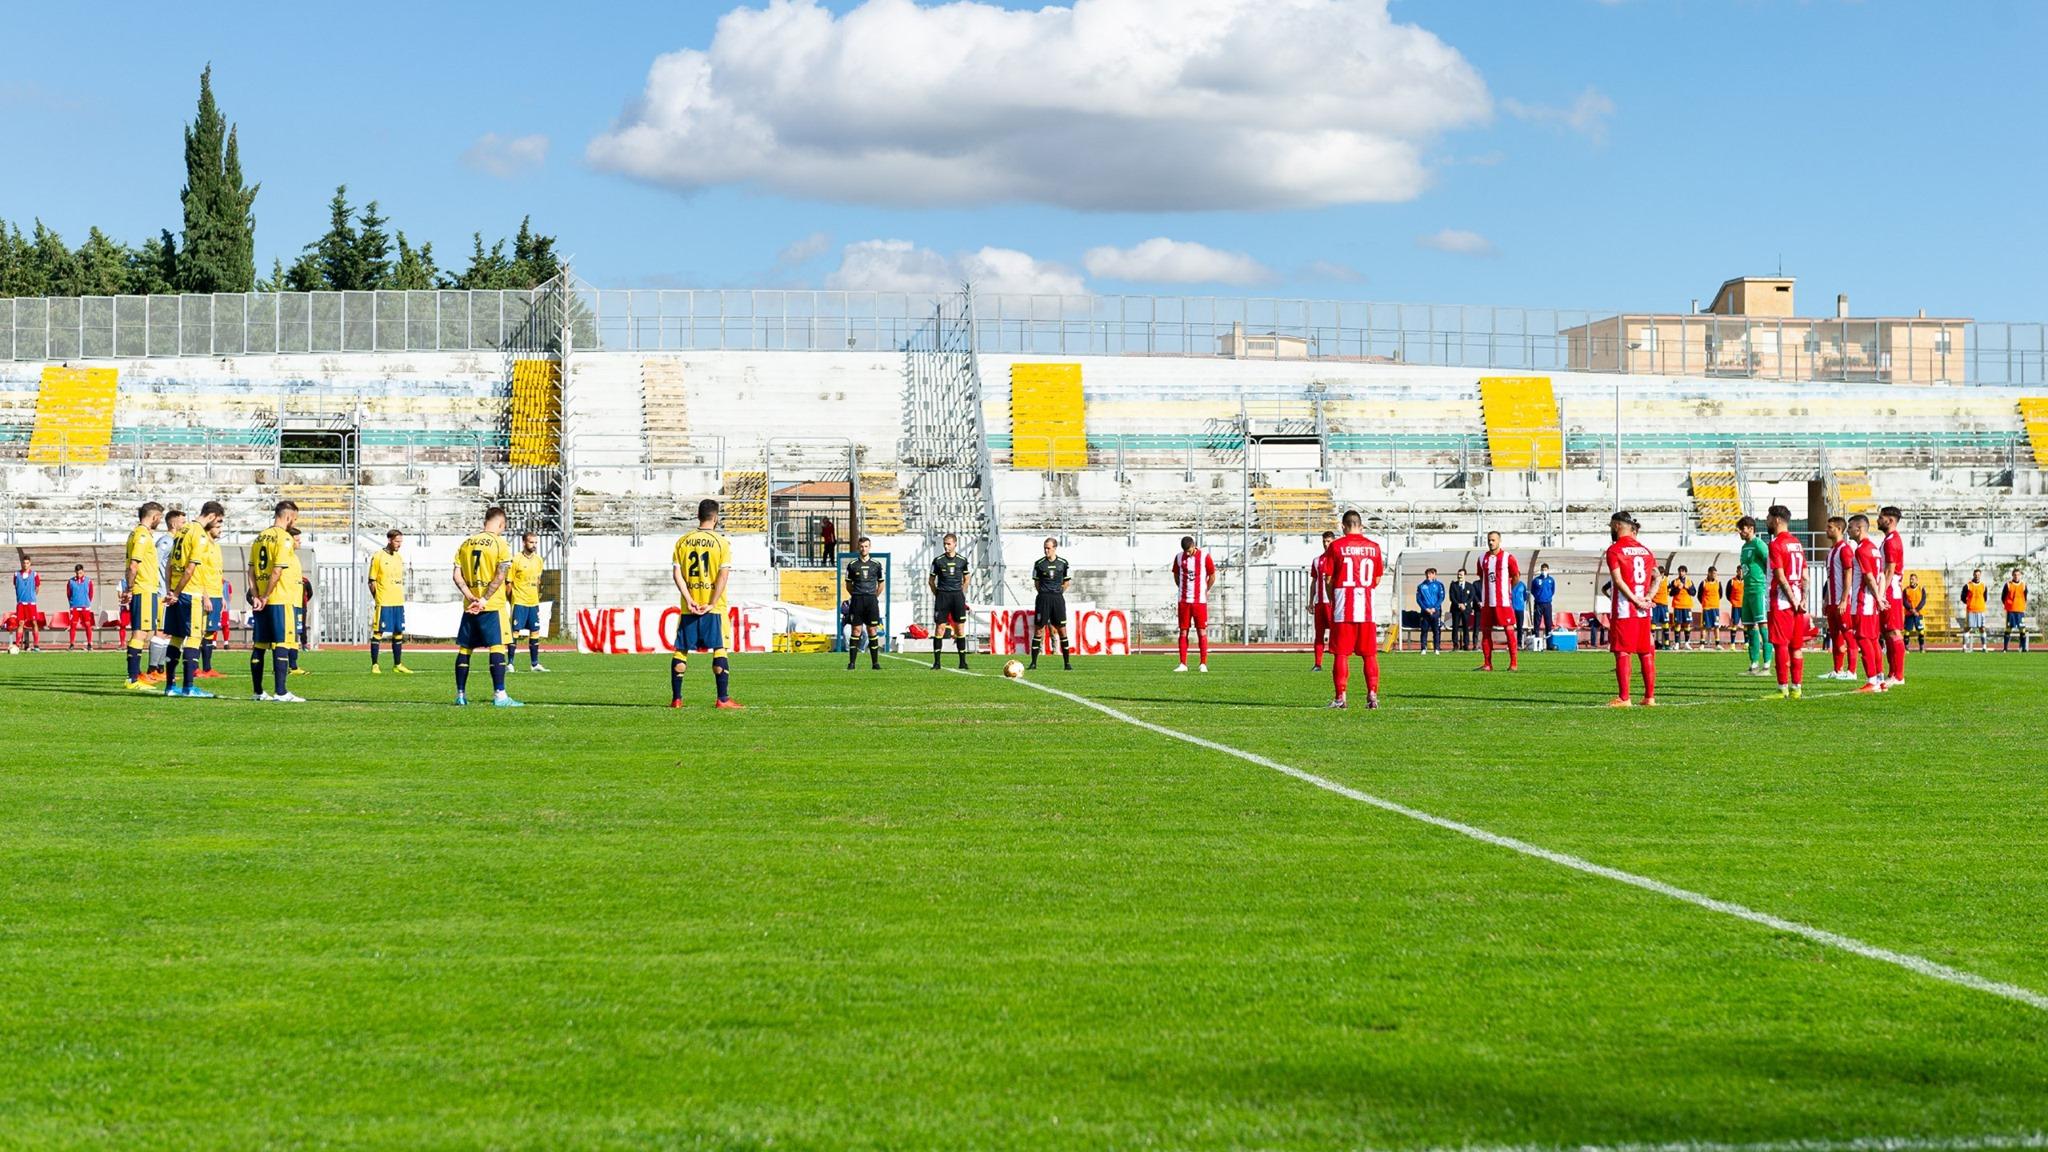 Matelica rimonta e vince 2-1, Modena finisce la partita in nove